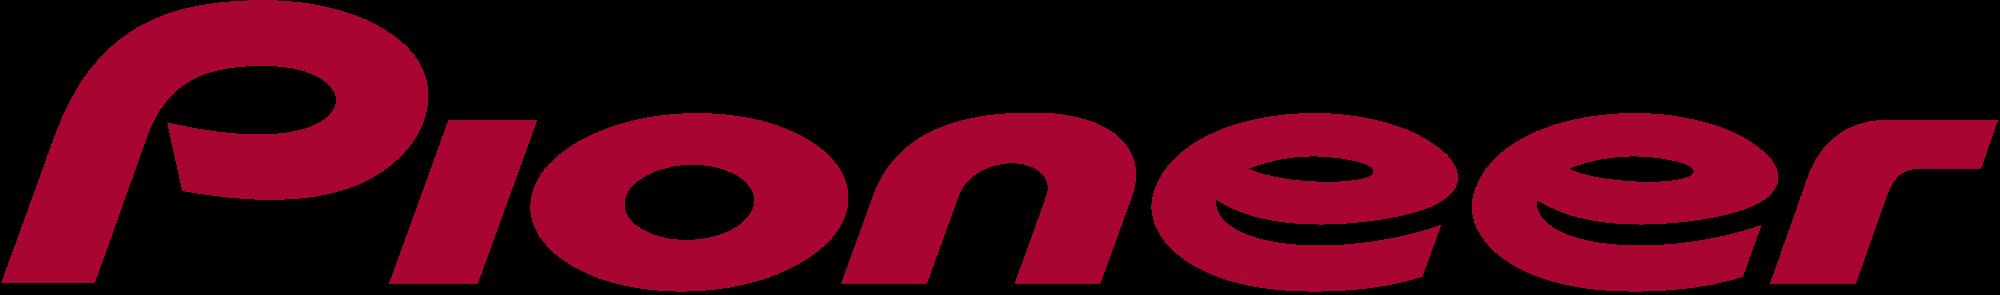 pioneer-logo.png